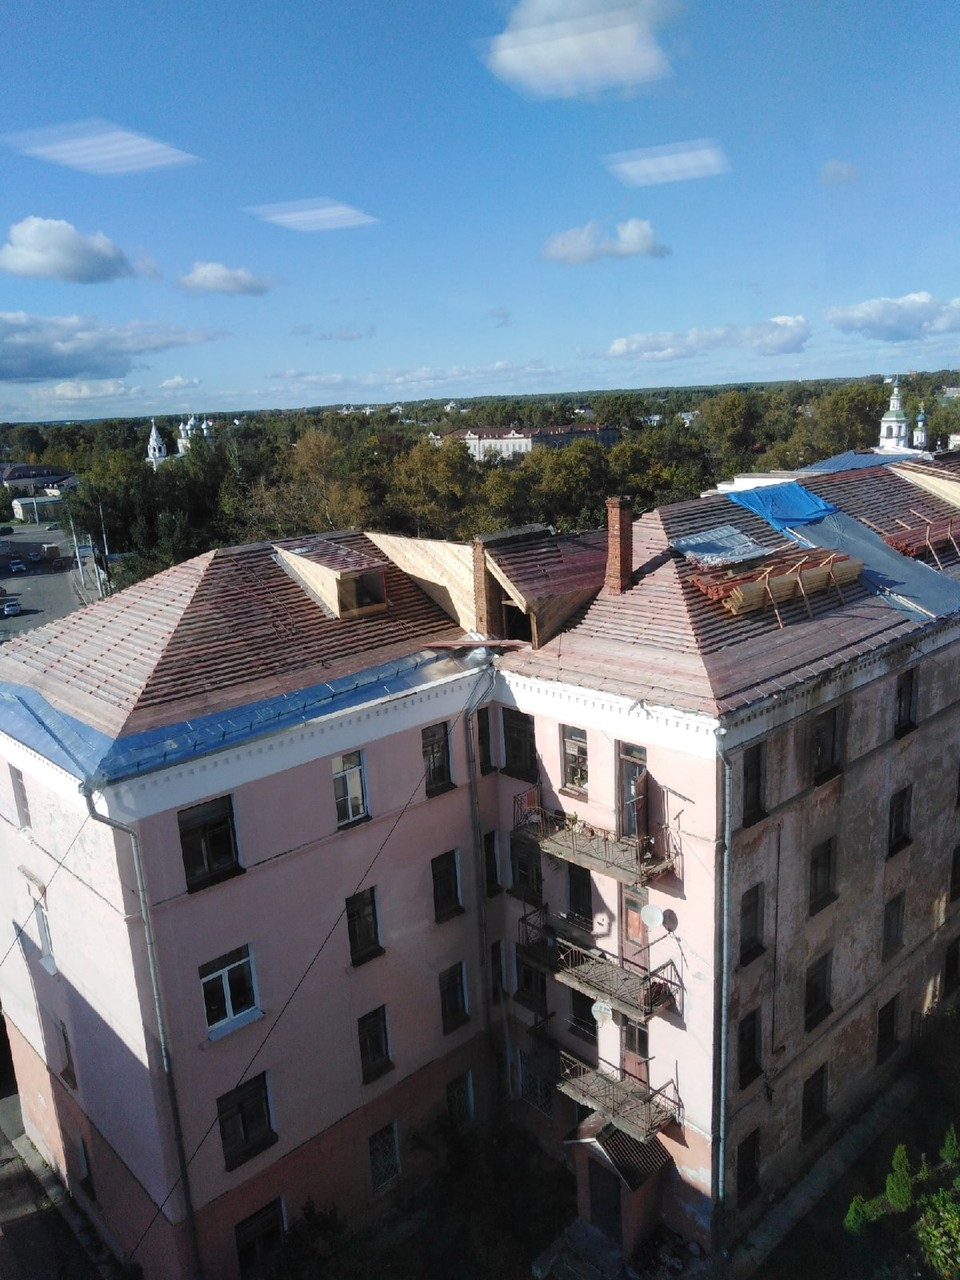 Капитальный ремонт крыши общежития начался еще летом